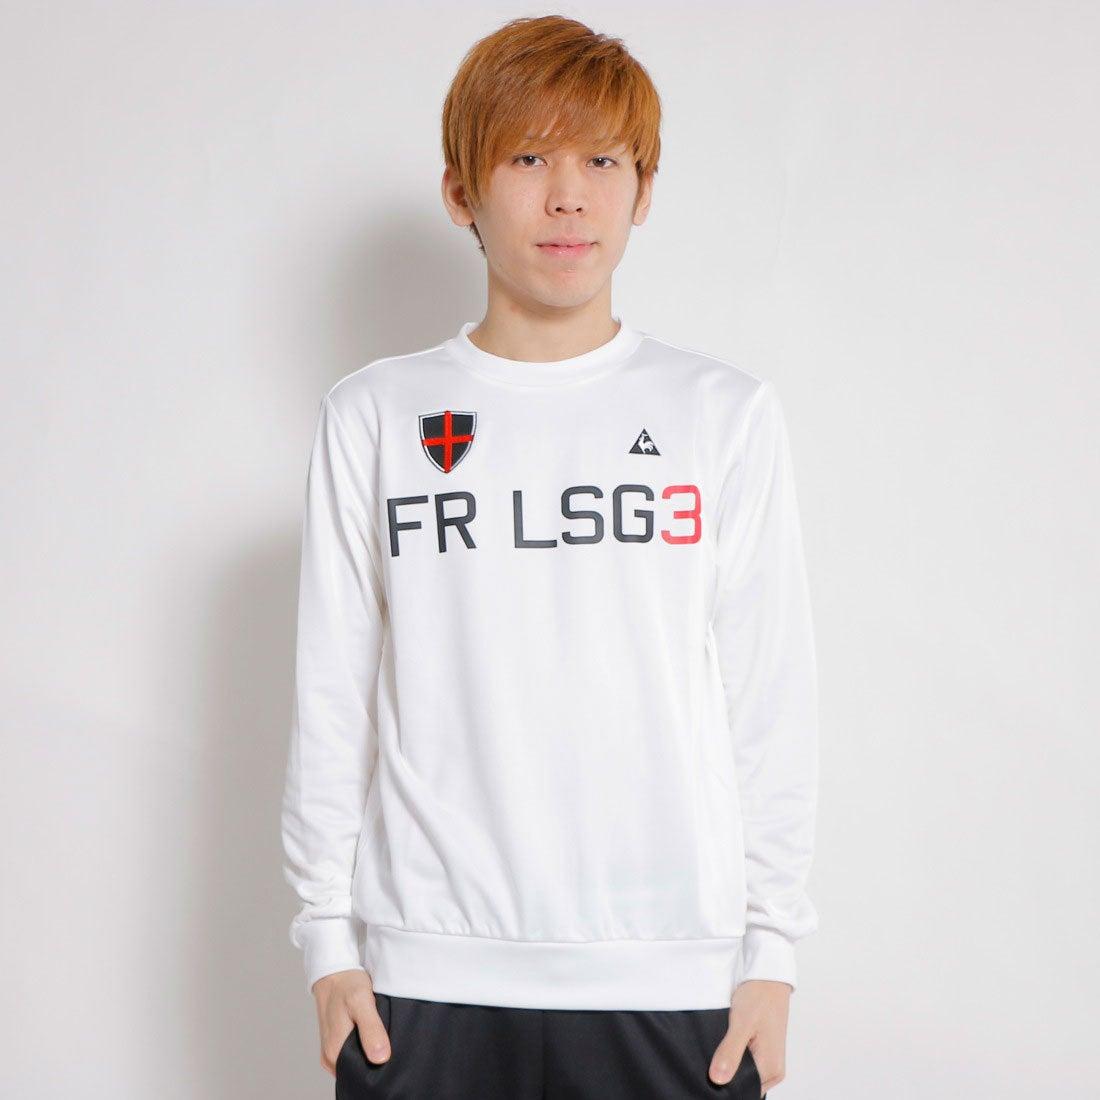 【SALE 53%OFF】ルコックスポルティフ le coq sportif ゴルフトレーナー カツトソー(長袖) QG4714 (ホワイト) メンズ